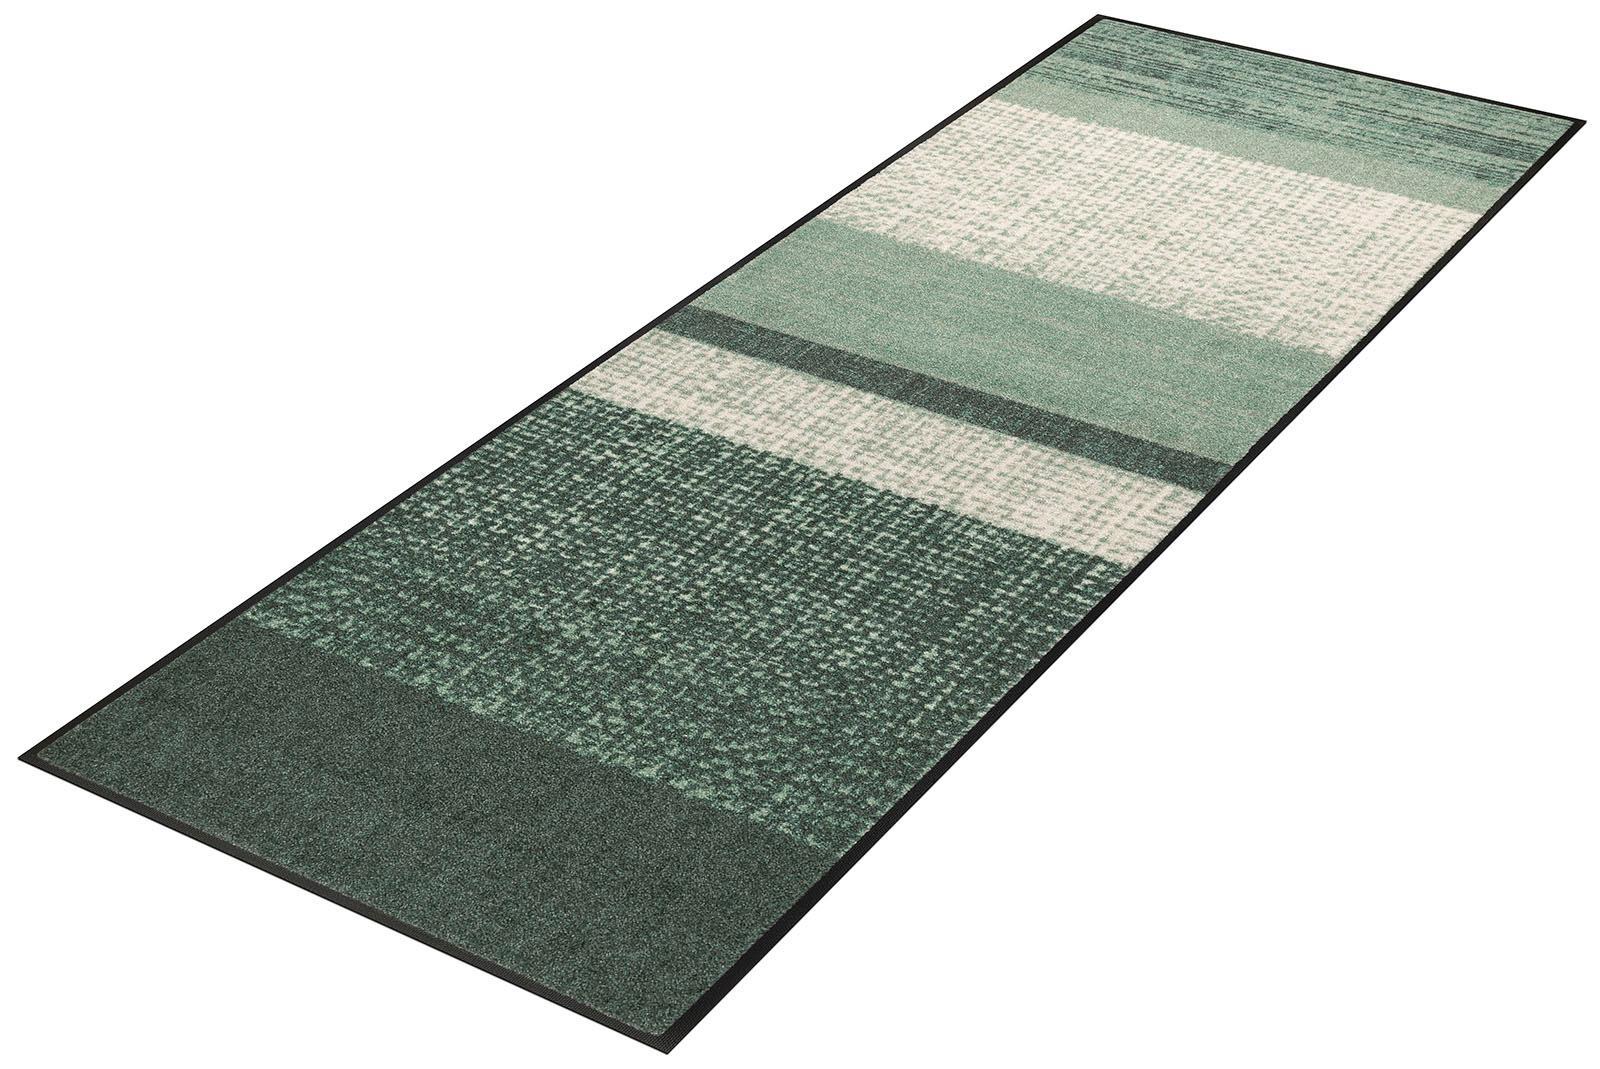 Läufer Lynna wash+dry by Kleen-Tex rechteckig Höhe 7 mm gedruckt